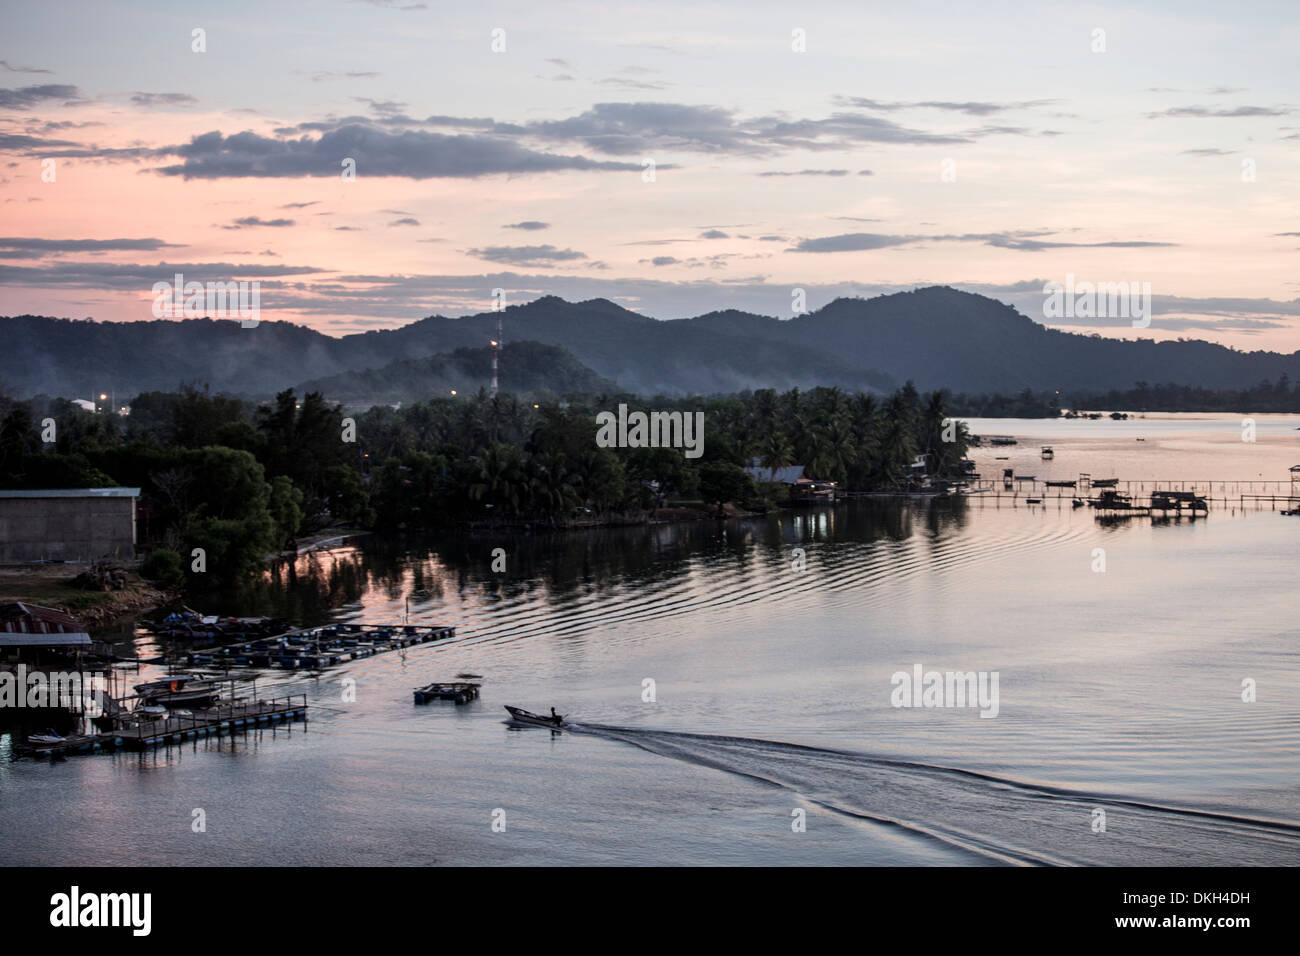 Mengkabong river, Tuaran, Kota Kinabalu, Sabah, Malaysian Borneo, Malaysia, Southeast Asia, Asia - Stock Image